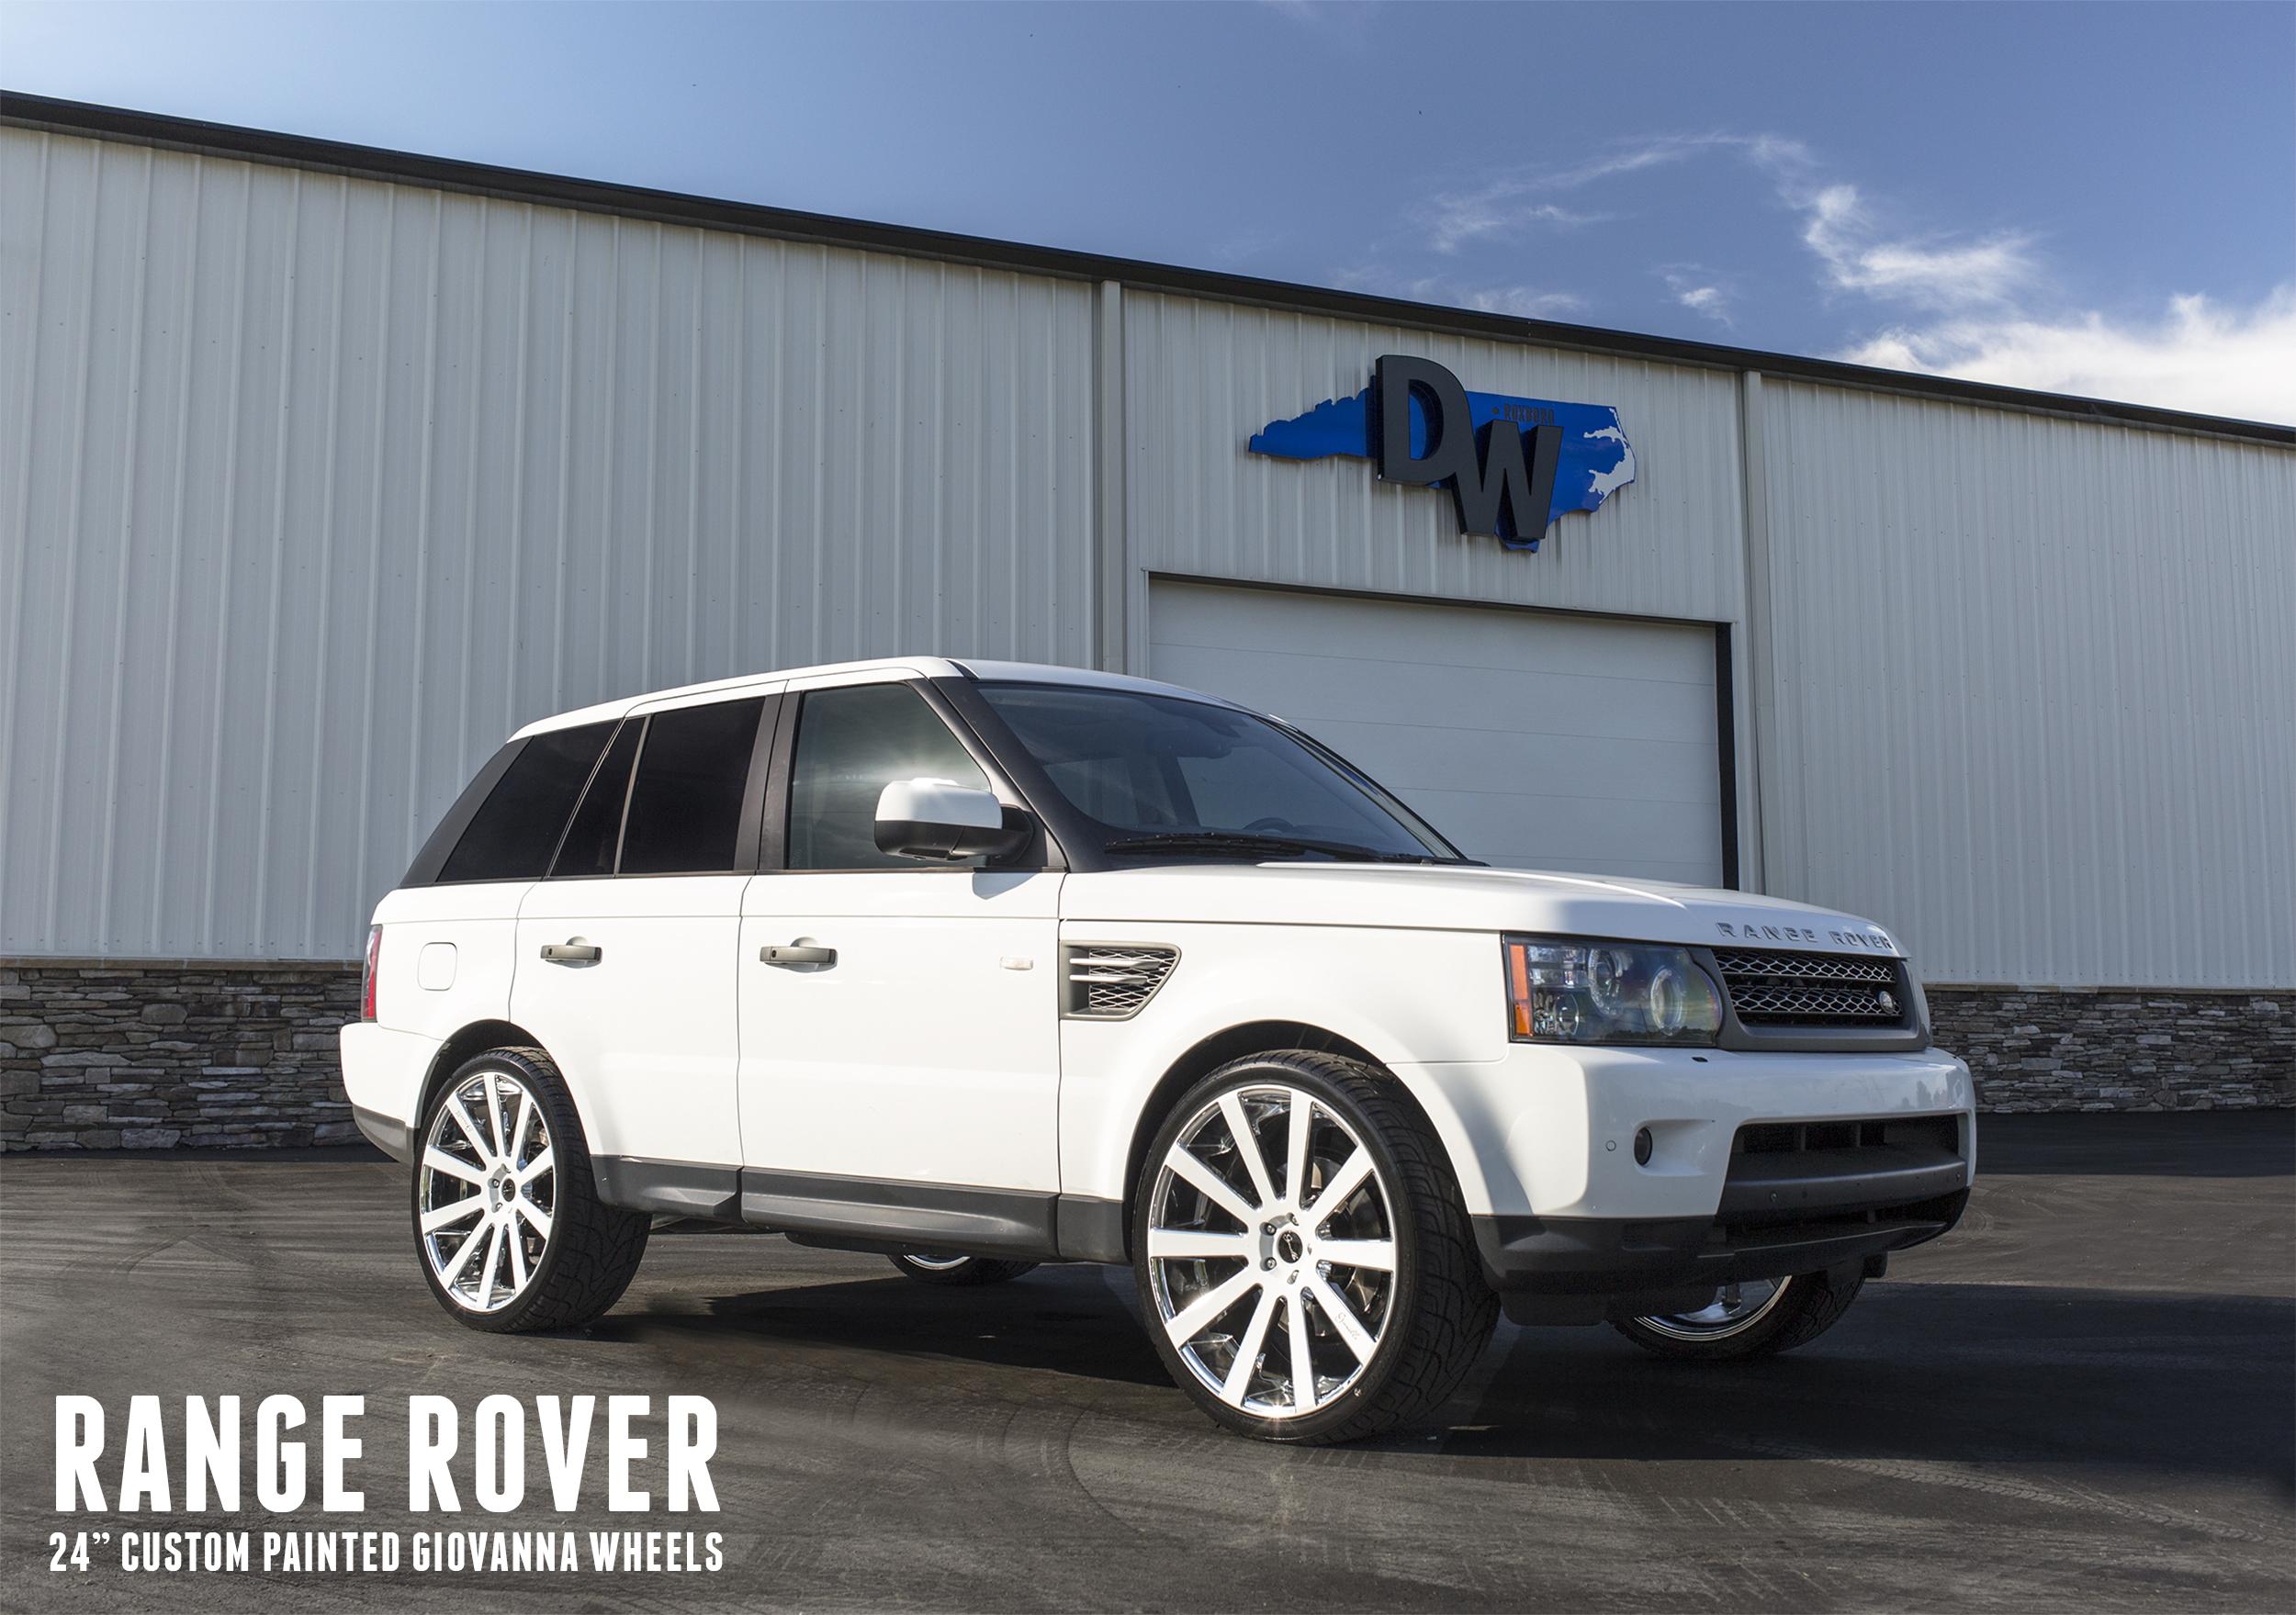 White-on-White-Range-Rover-main.jpg